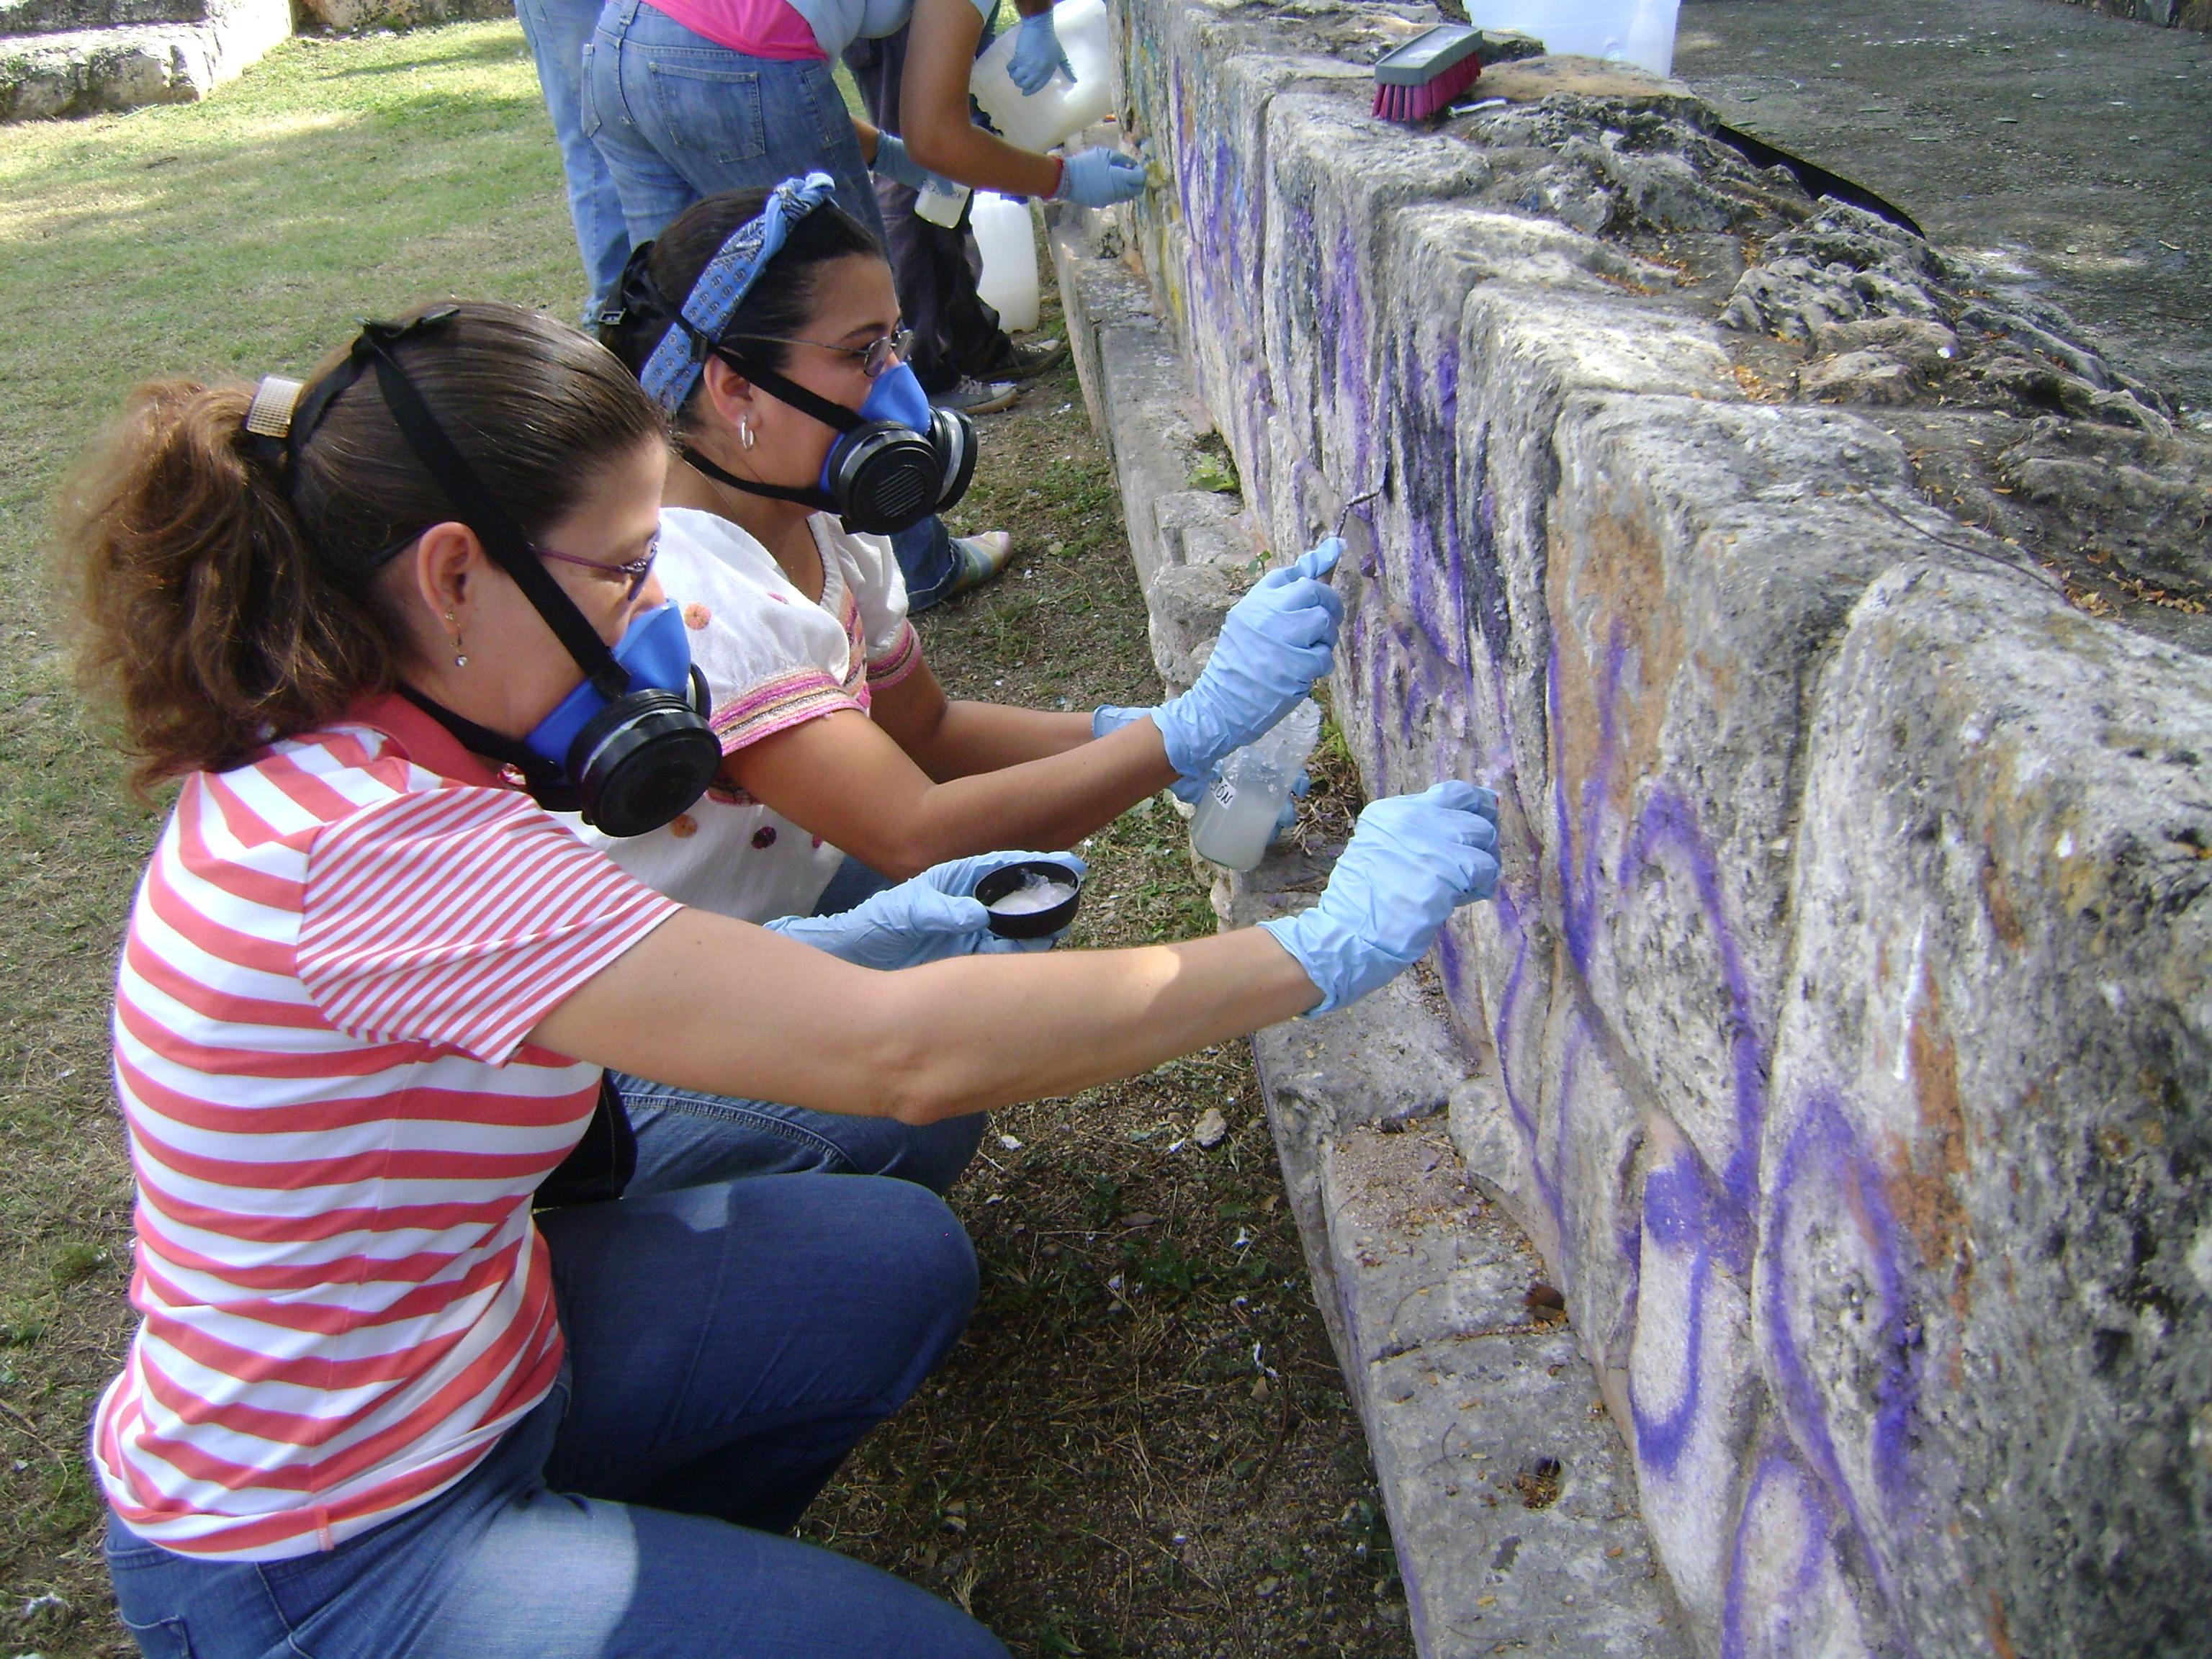 Restauración de vestigios en 3 reservas y 7 parques arqueológicos de Mérida